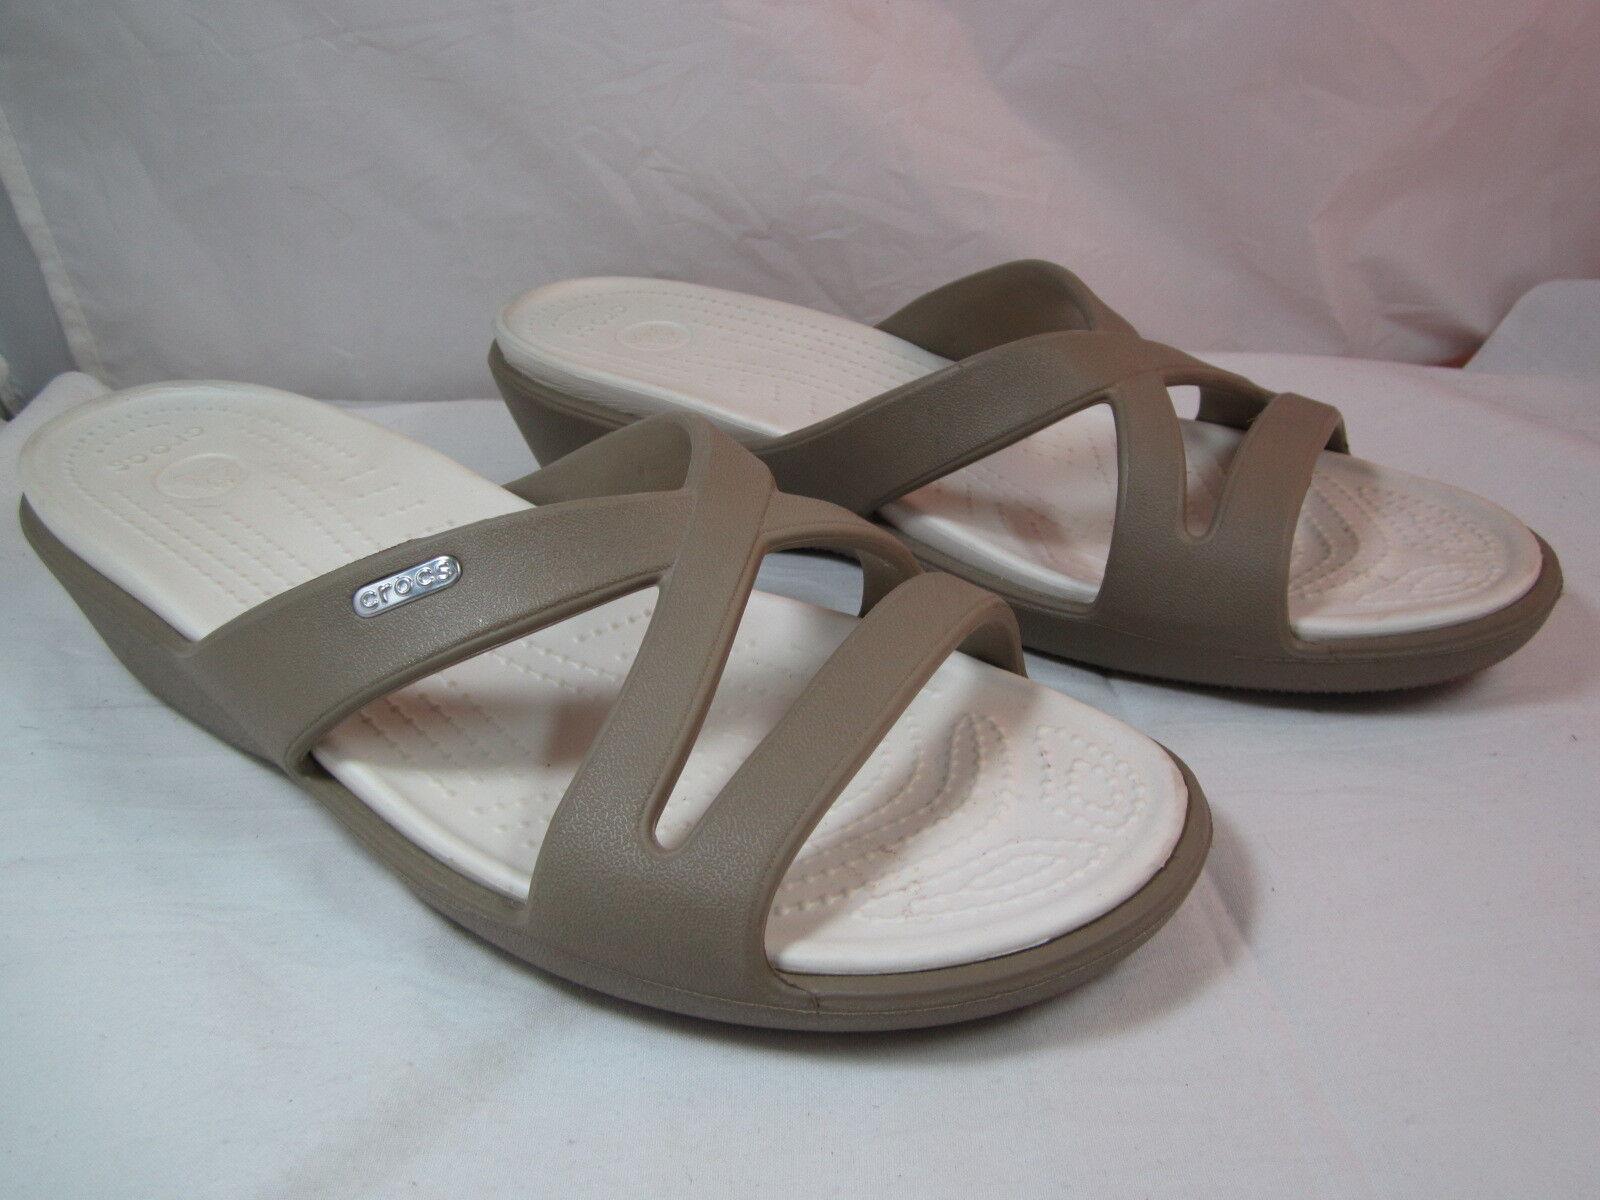 Womens Crocs Beige & Ivory Sandals  Shoes Sz 11   Sandals 2